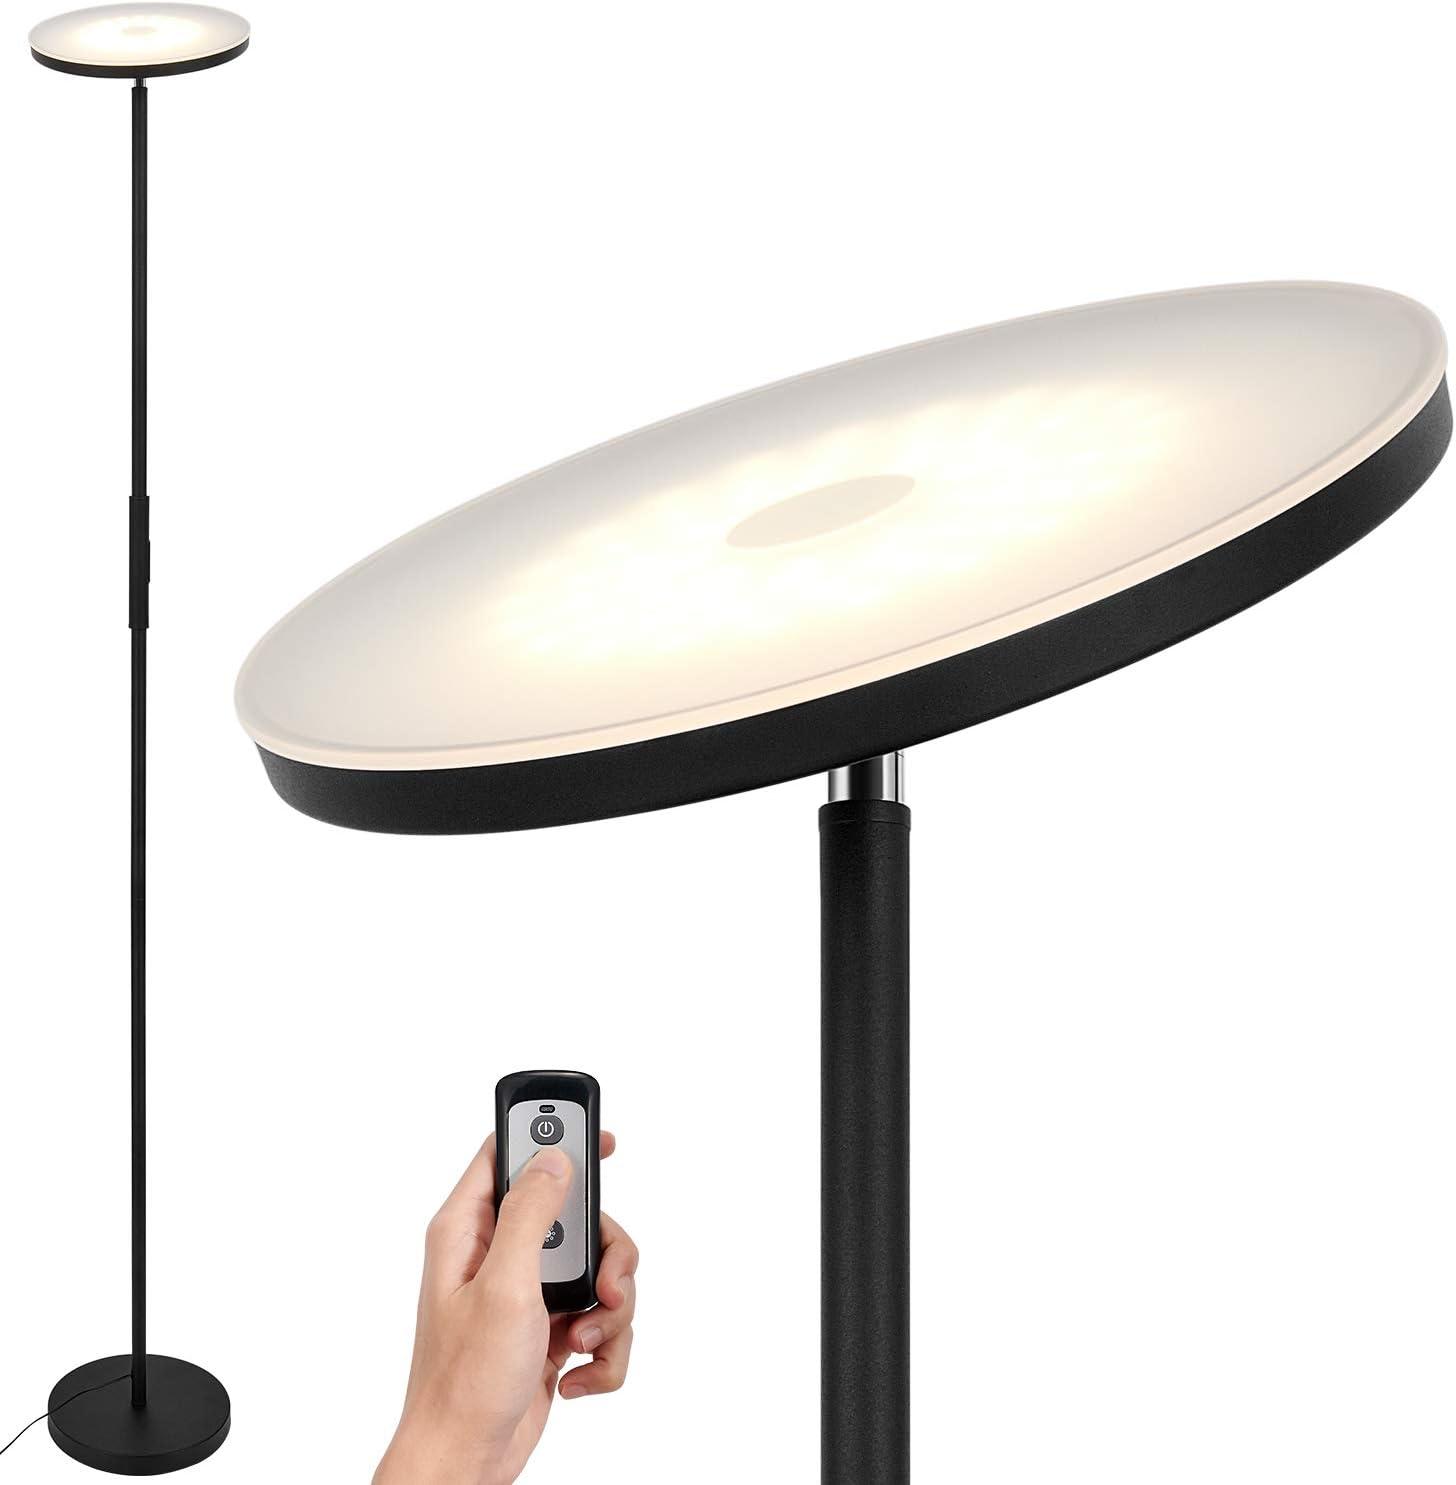 Anten 20W Schwarze LED Stehlampe mit Fernbedienung - LED Deckenfluter